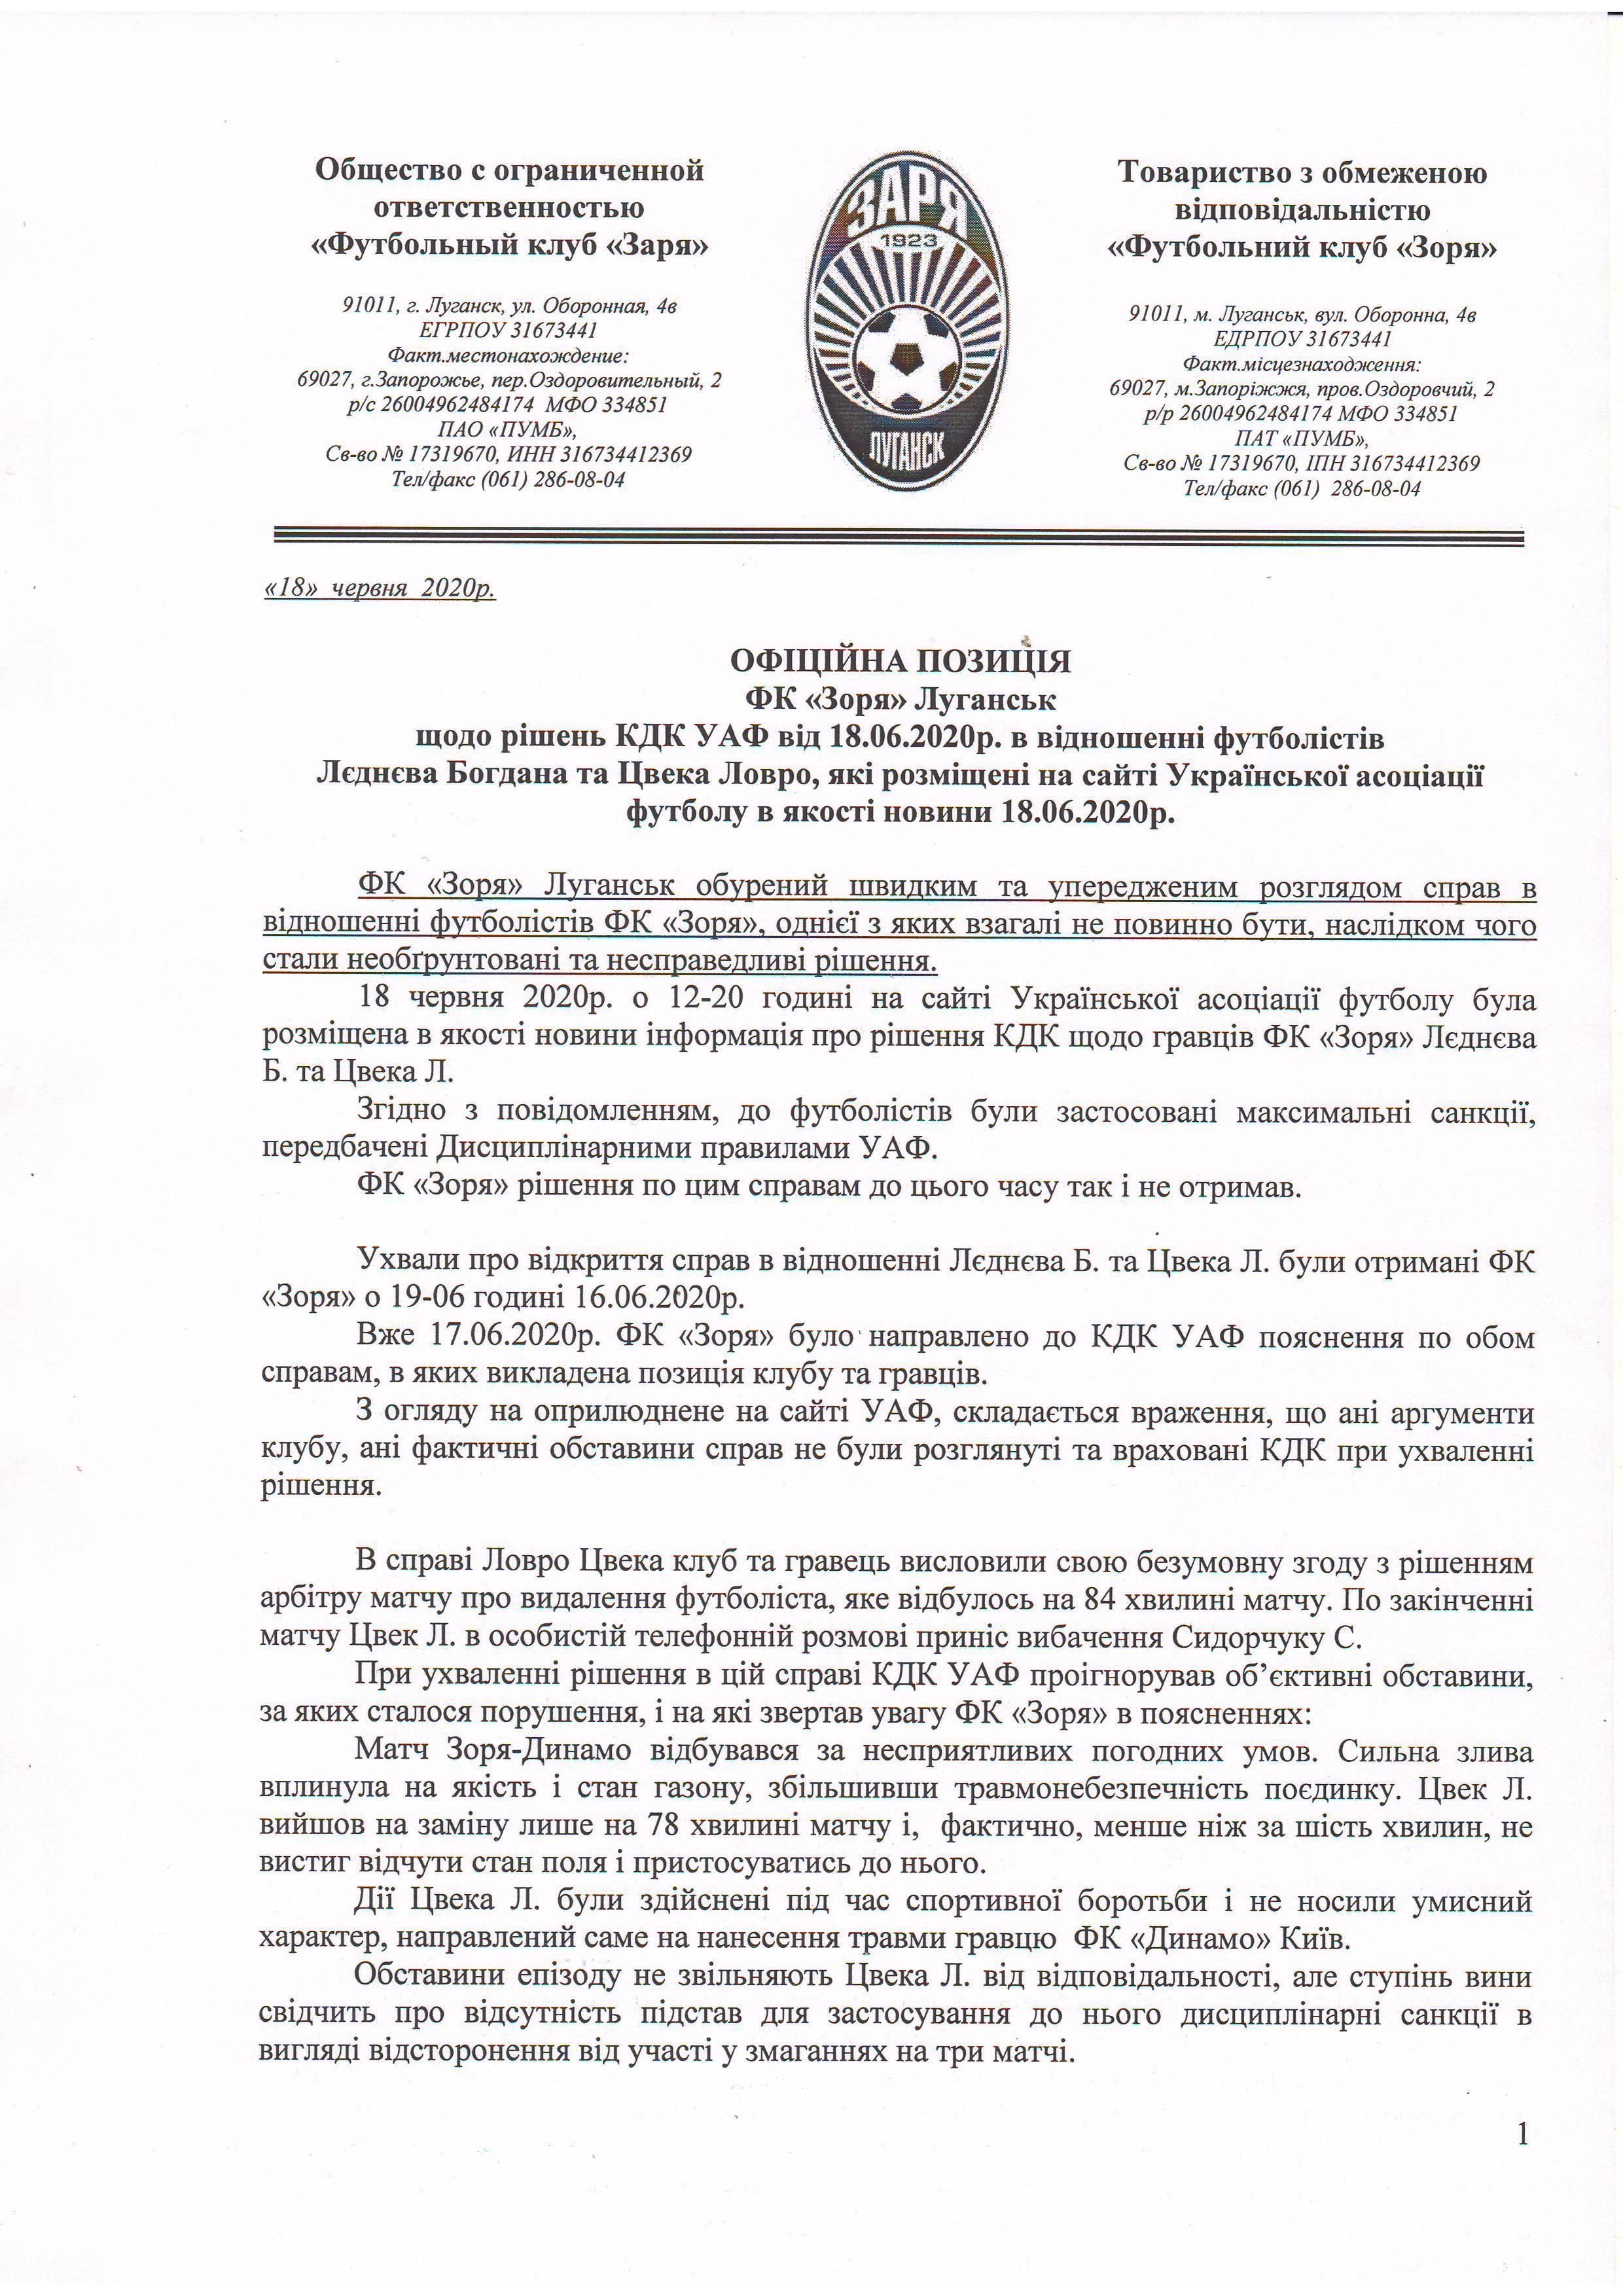 """""""Заря"""" выступила с официальной позицией относительно дисквалификации КДК УАФ Цвека и Леднева - изображение 1"""